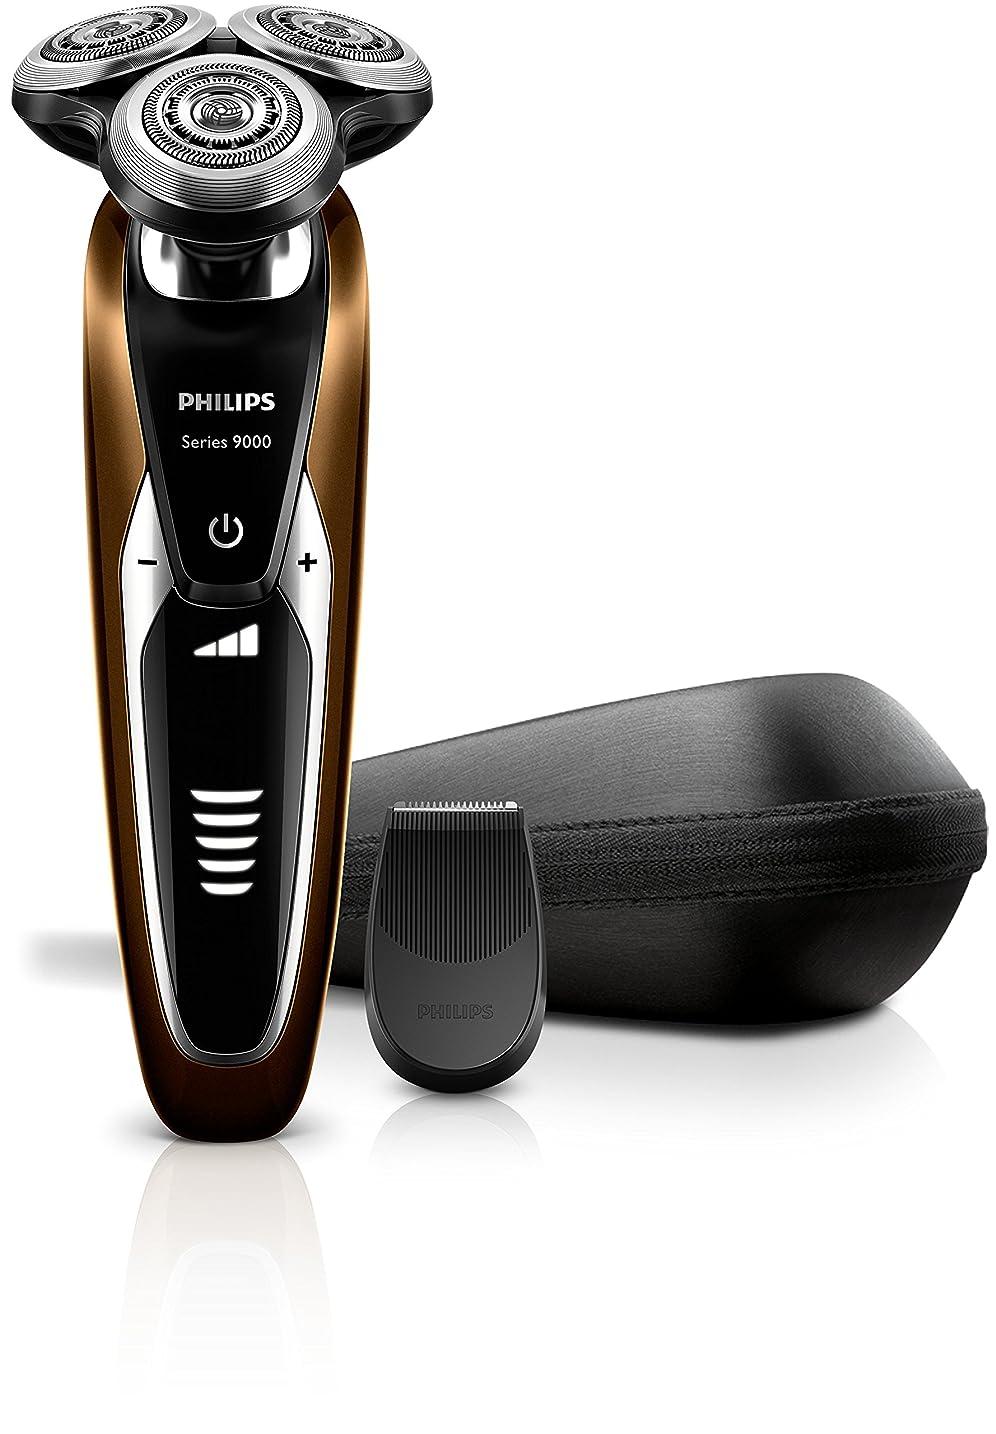 上下する最終的に事件、出来事フィリップス 9000シリーズ メンズ 電気シェーバー 72枚刃 回転式 お風呂剃り & 丸洗い可 トリマー付 S9511/12